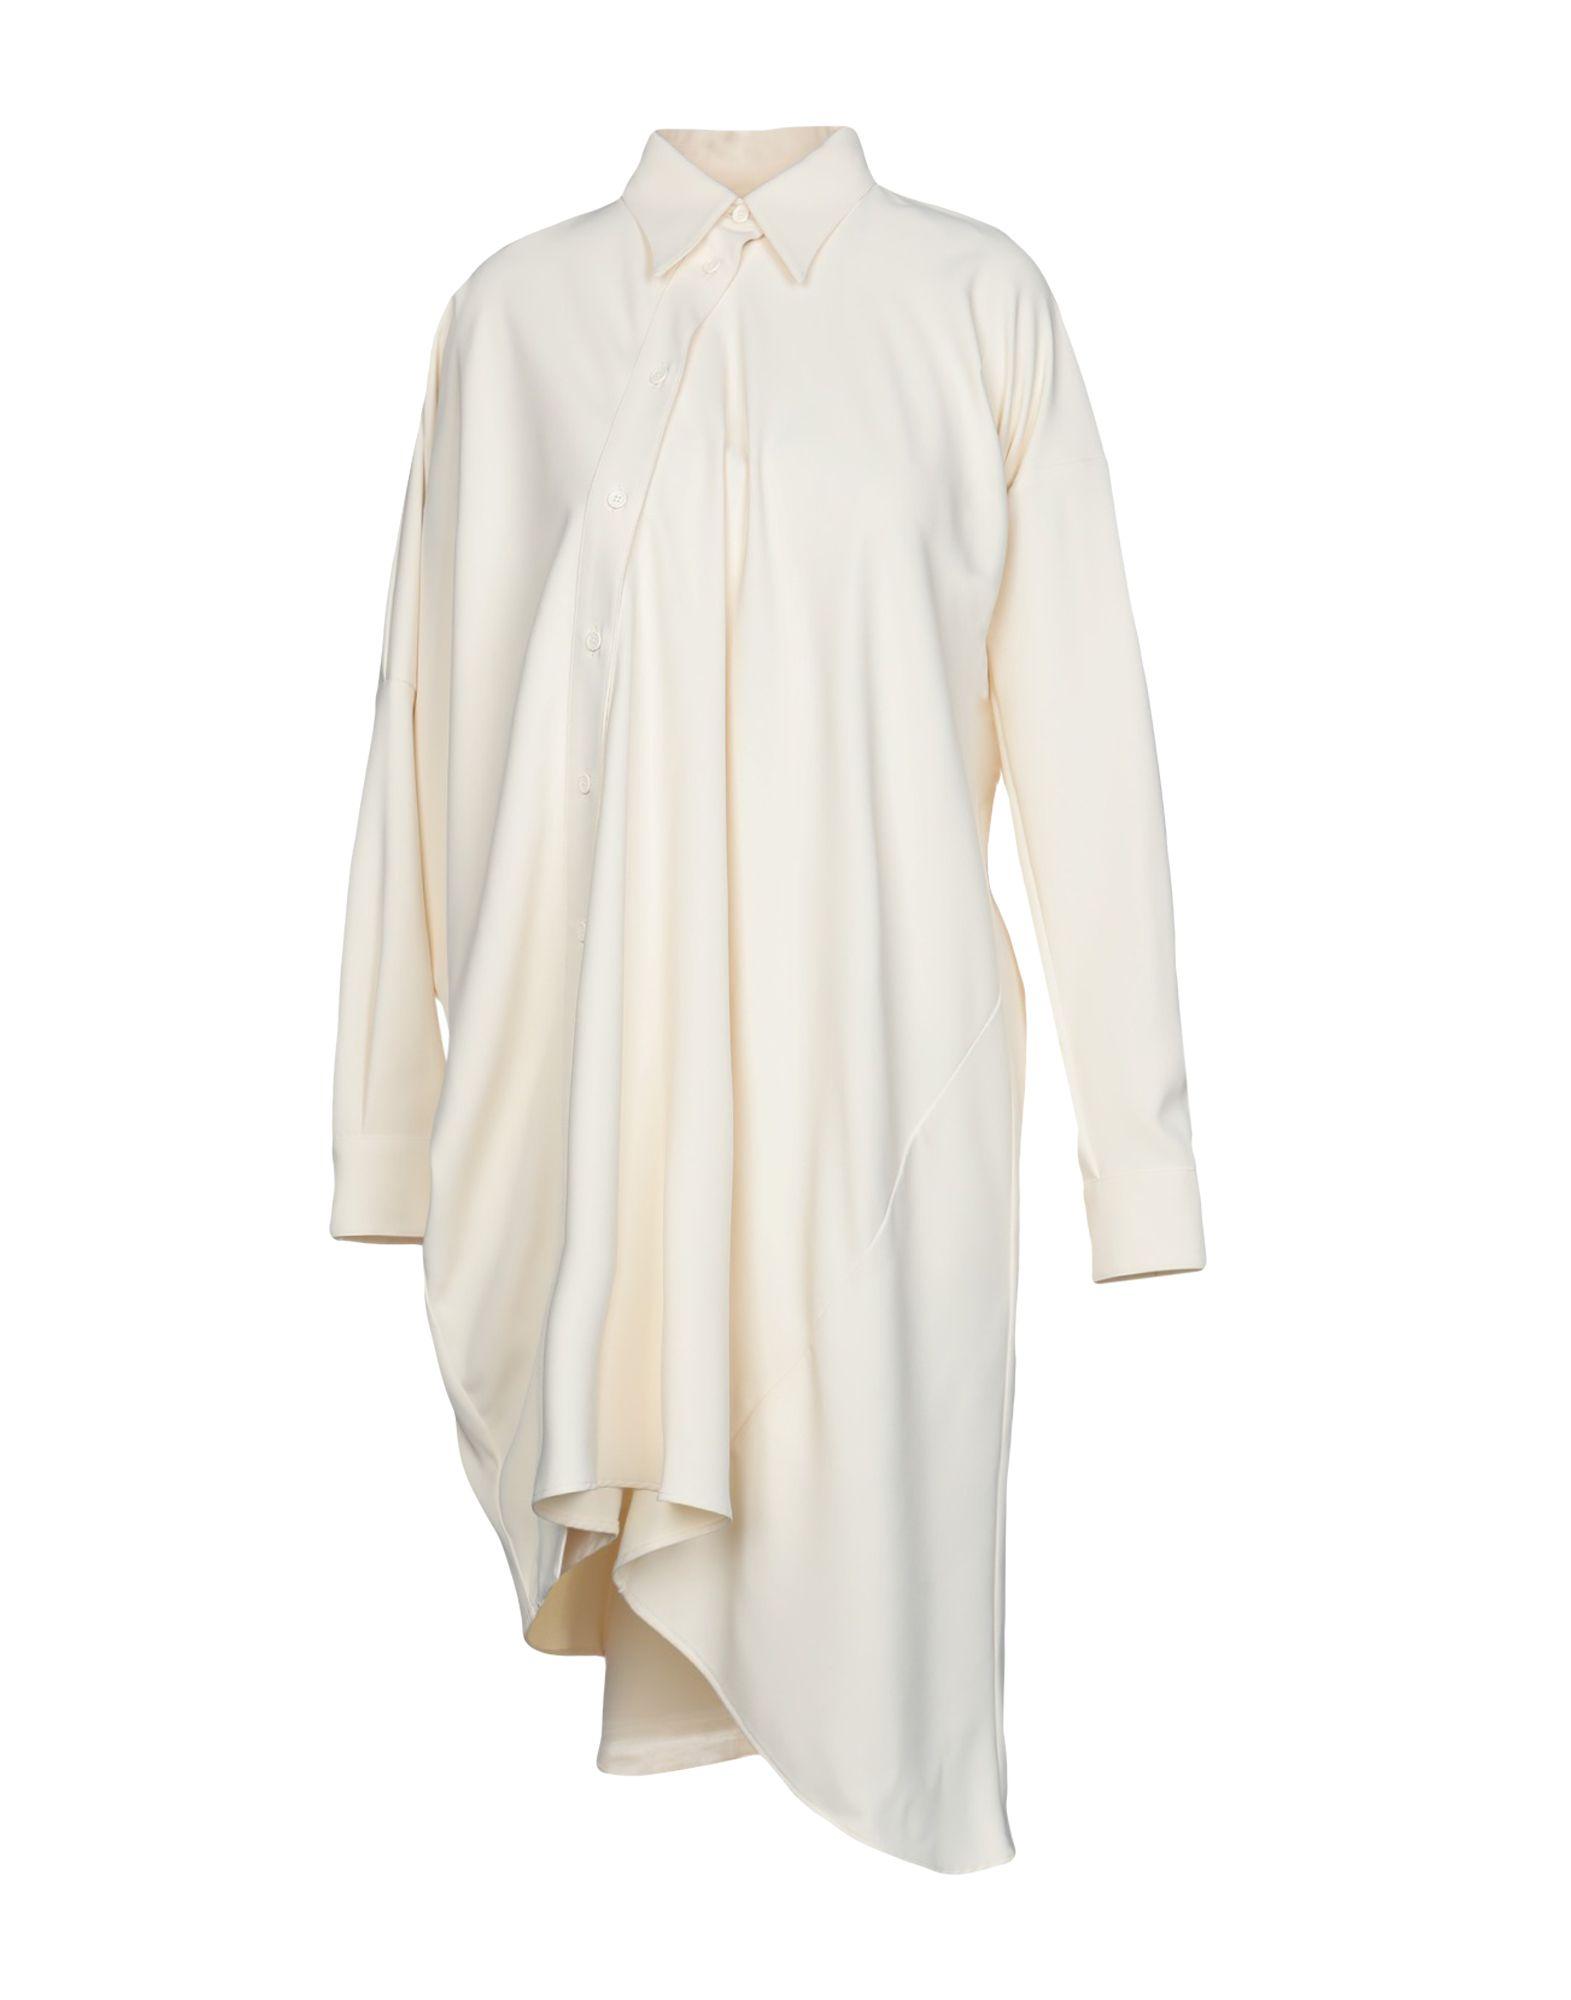 купить MM6 MAISON MARGIELA Короткое платье по цене 17500 рублей